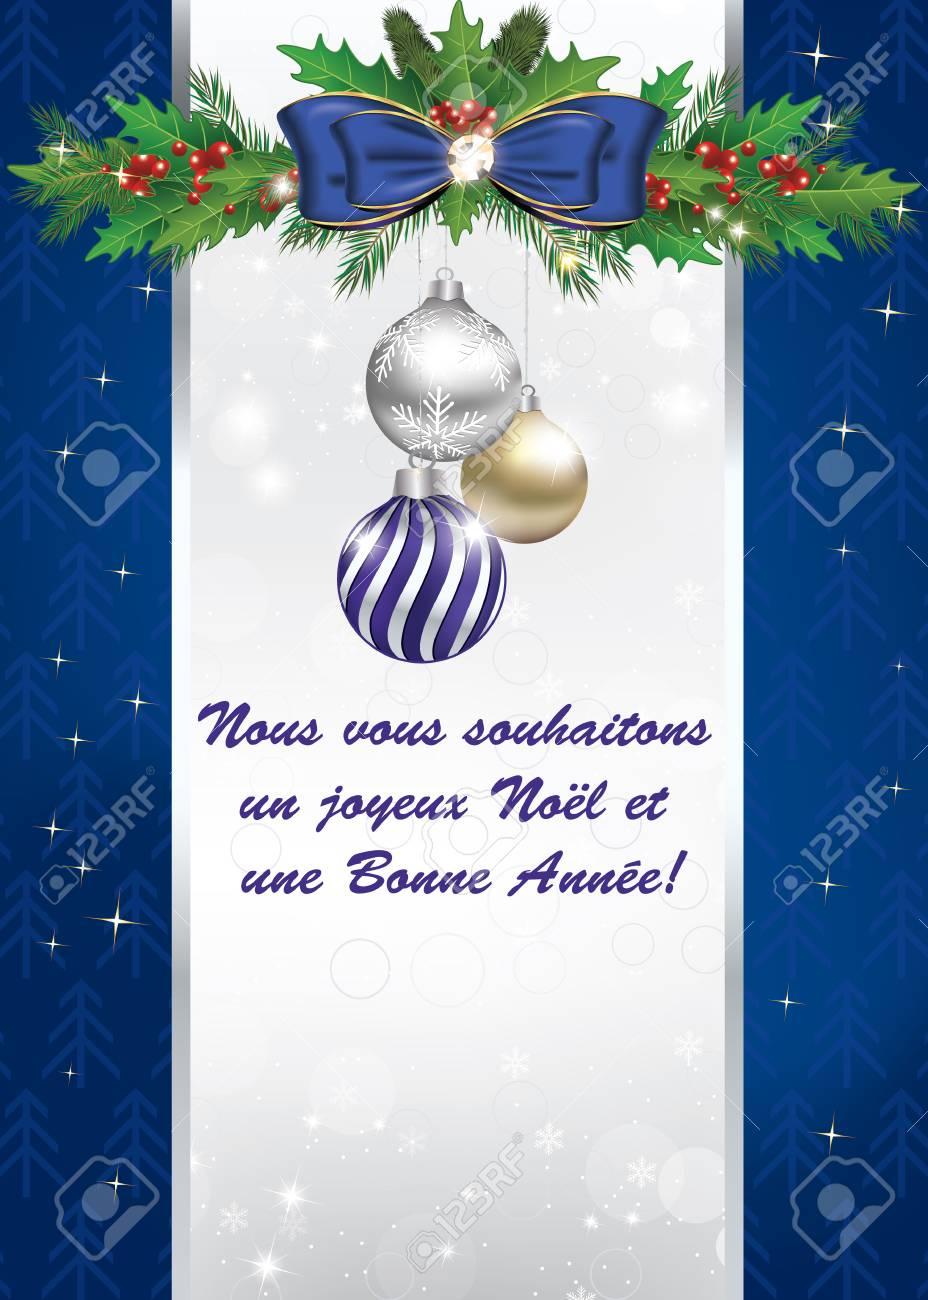 Auguri Di Buon Natale Francese.Biglietto Di Auguri Per Le Vacanze Invernali In Lingua Francese Nous Vous Souhaitons Un Joyeux Noe E Une Bonne Annee Vi Auguriamo Un Buon Natale E